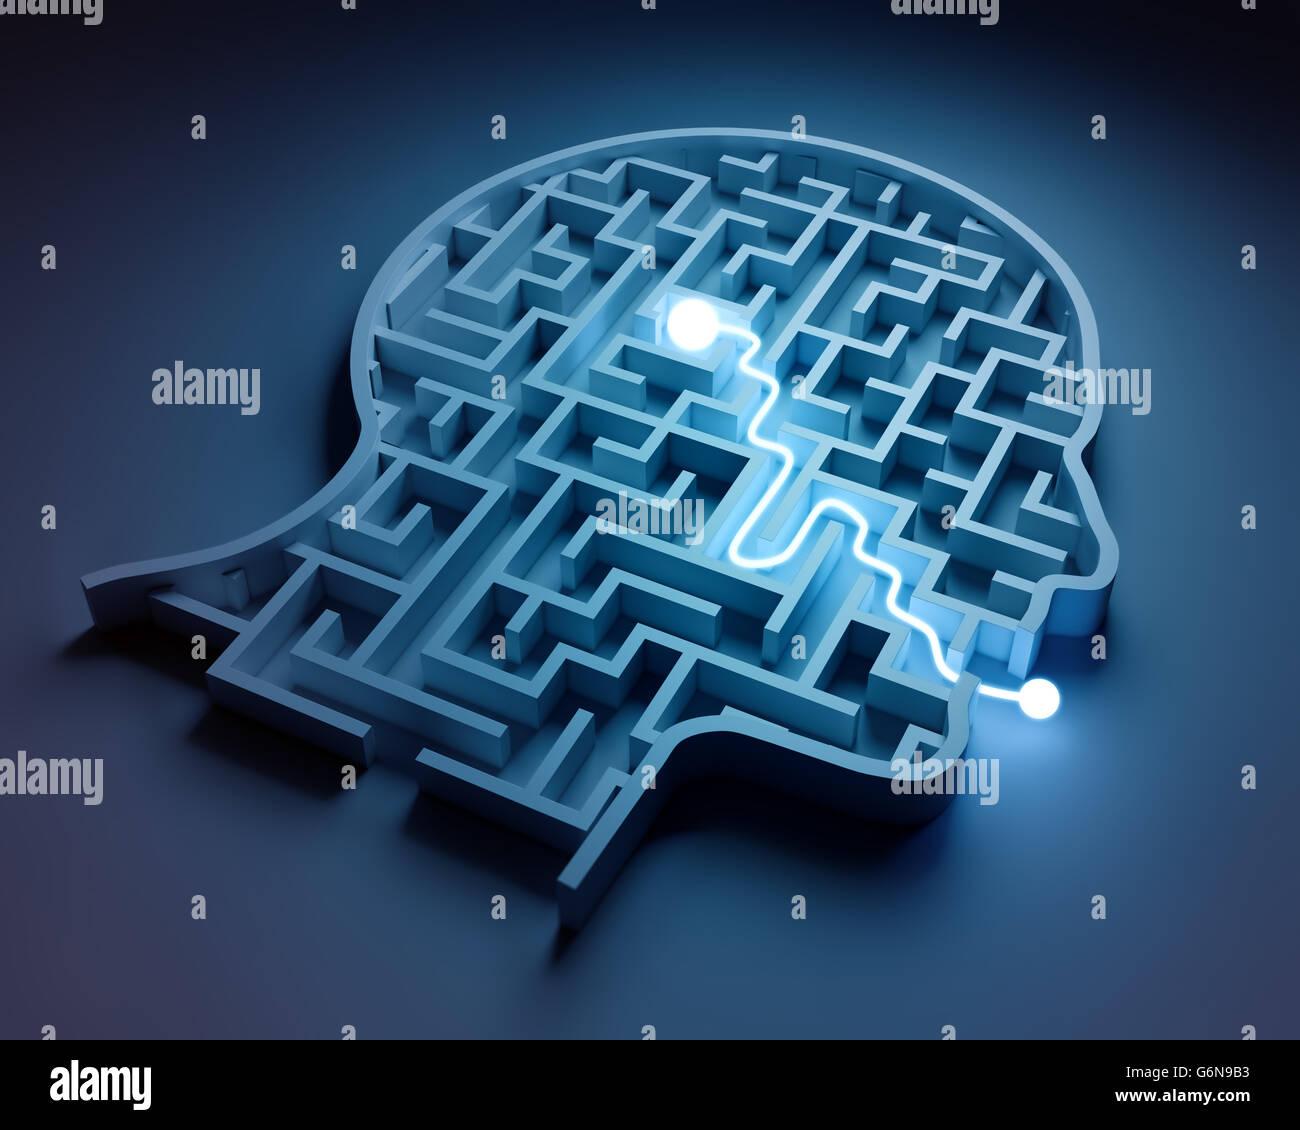 Laberinto dentro de una cabeza - desde el cerebro a voz Imagen De Stock